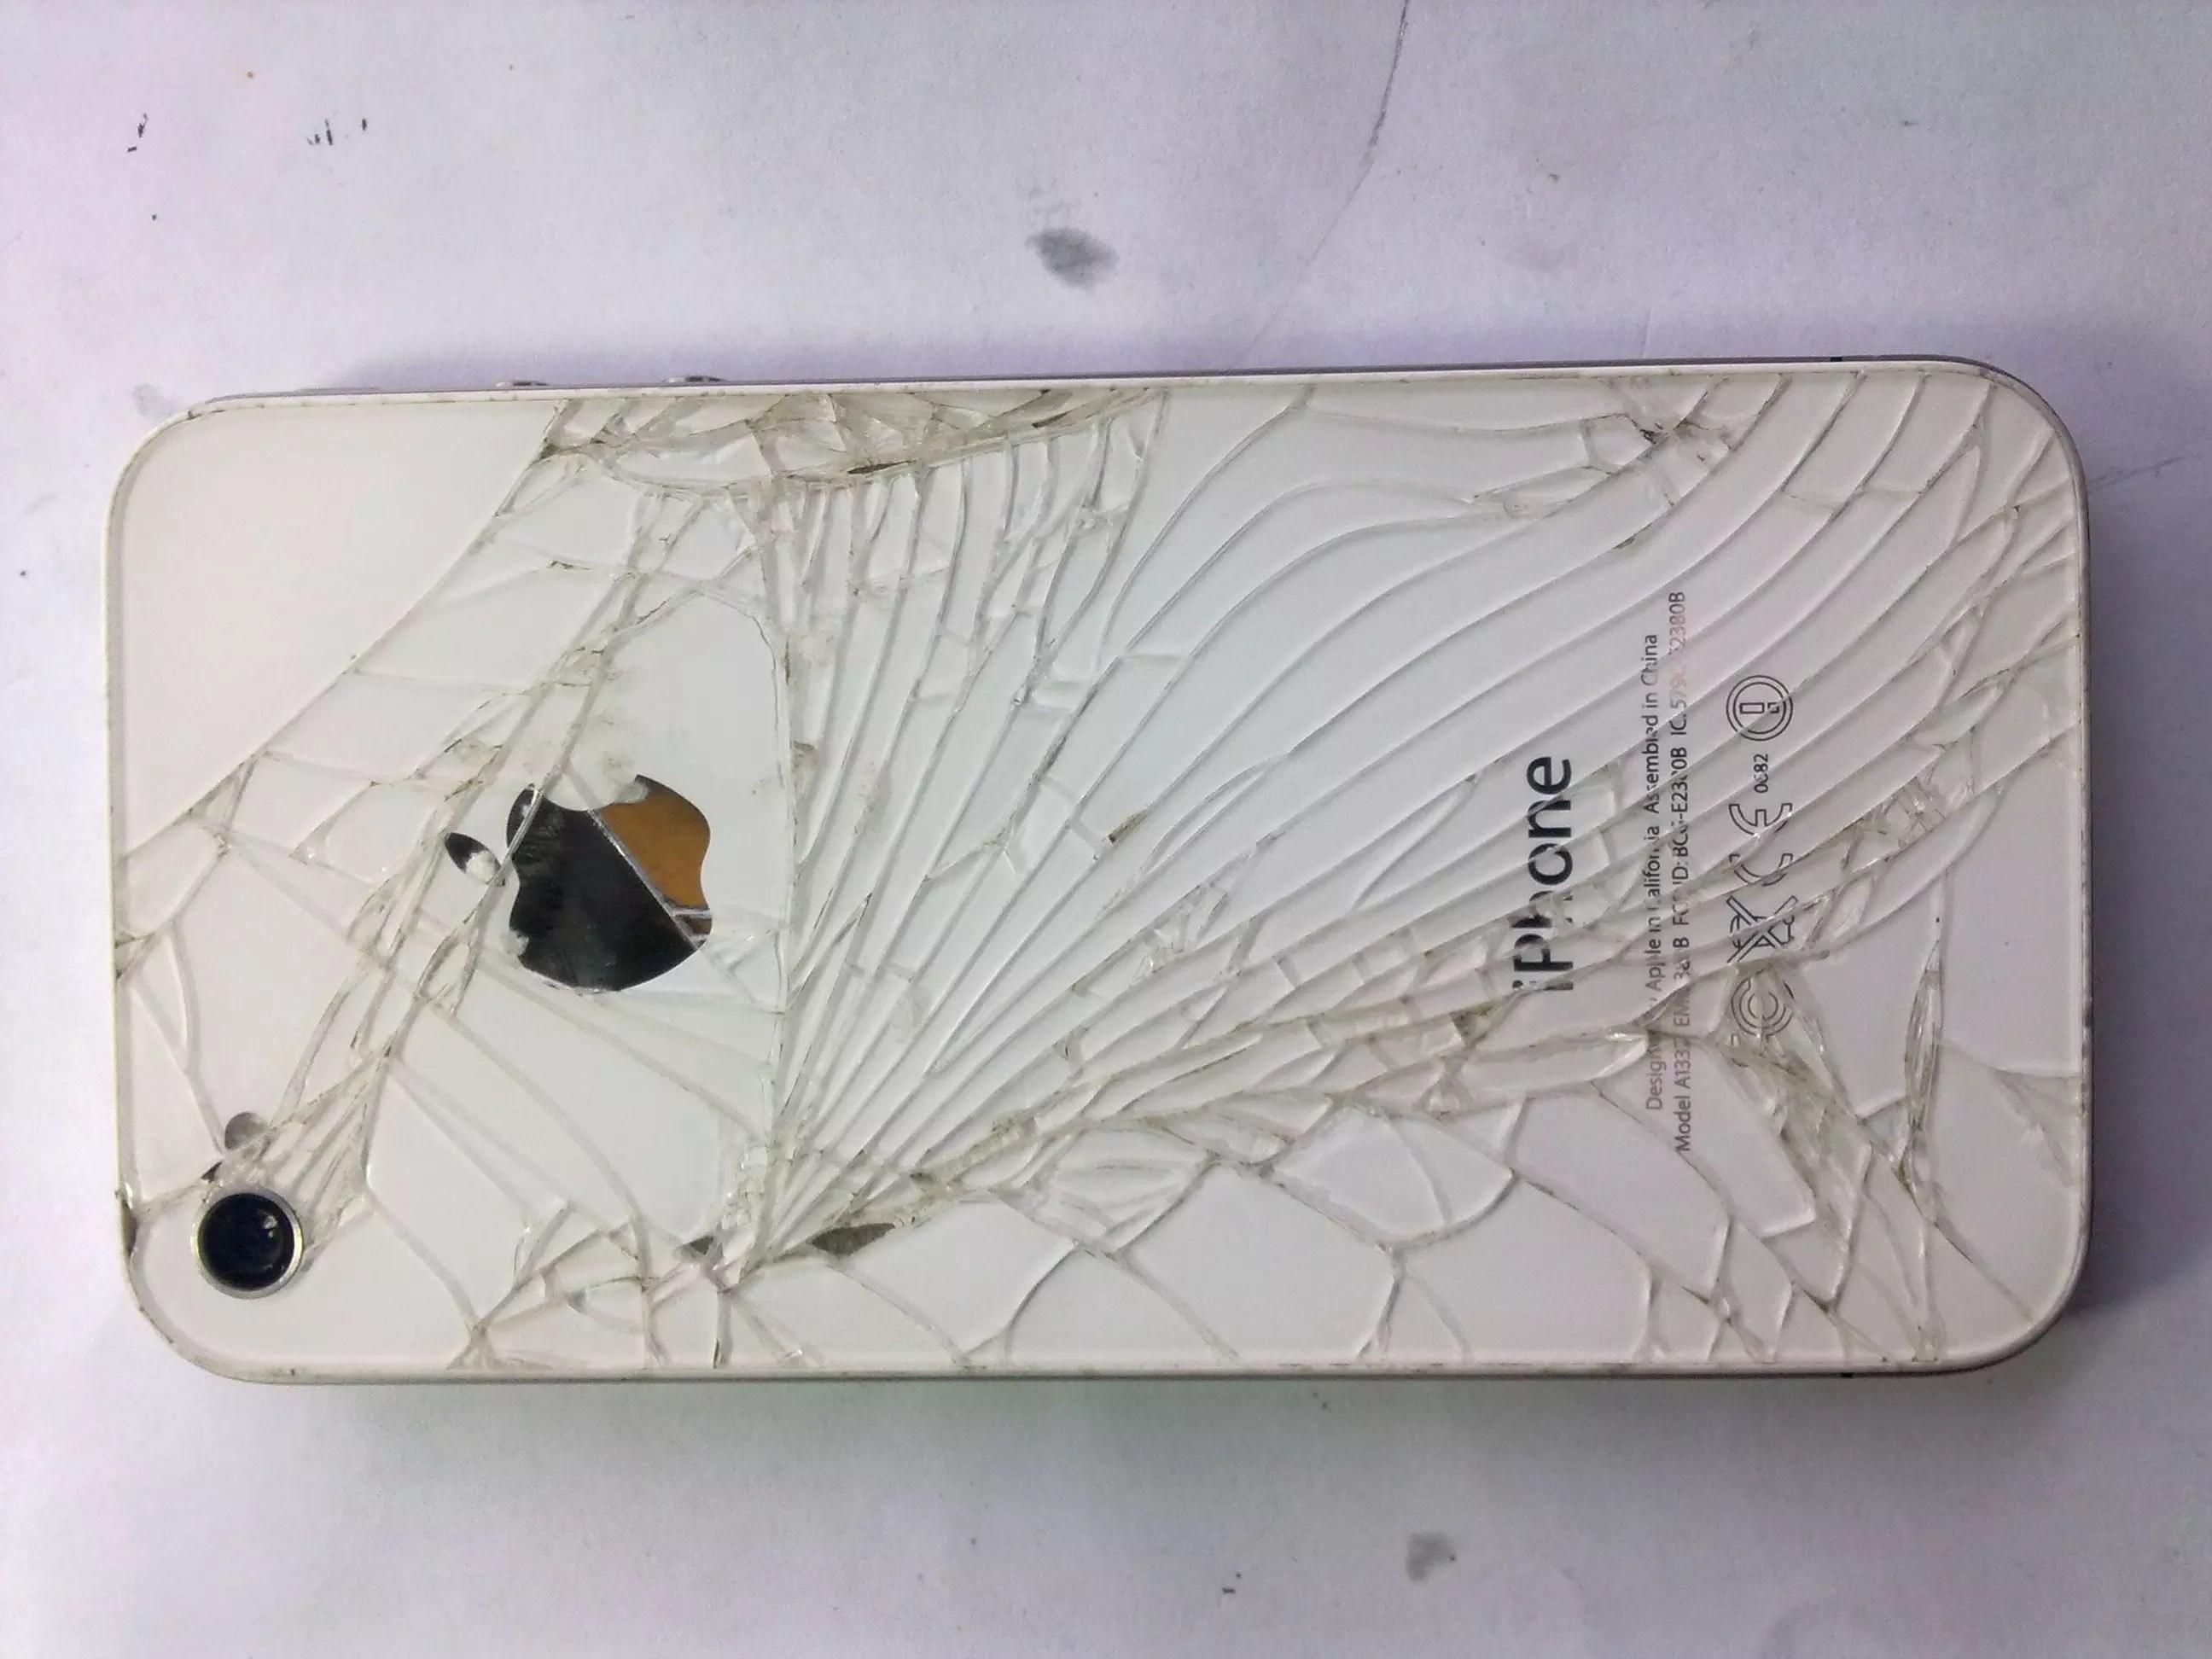 IPhone 4s deaktiviert und schaltet nicht ein